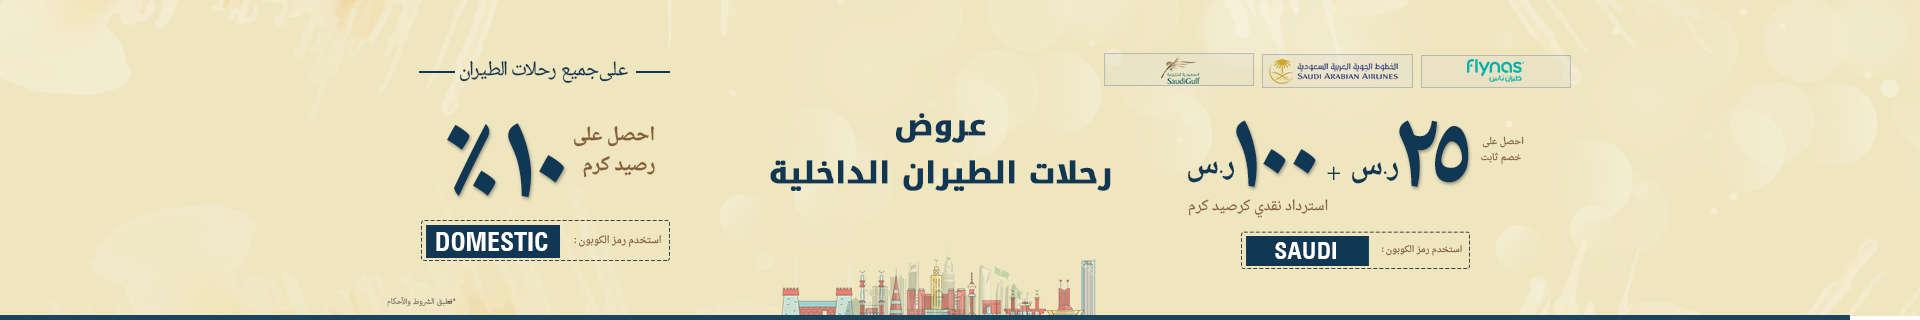 عروض موقع رحلات من السعودية